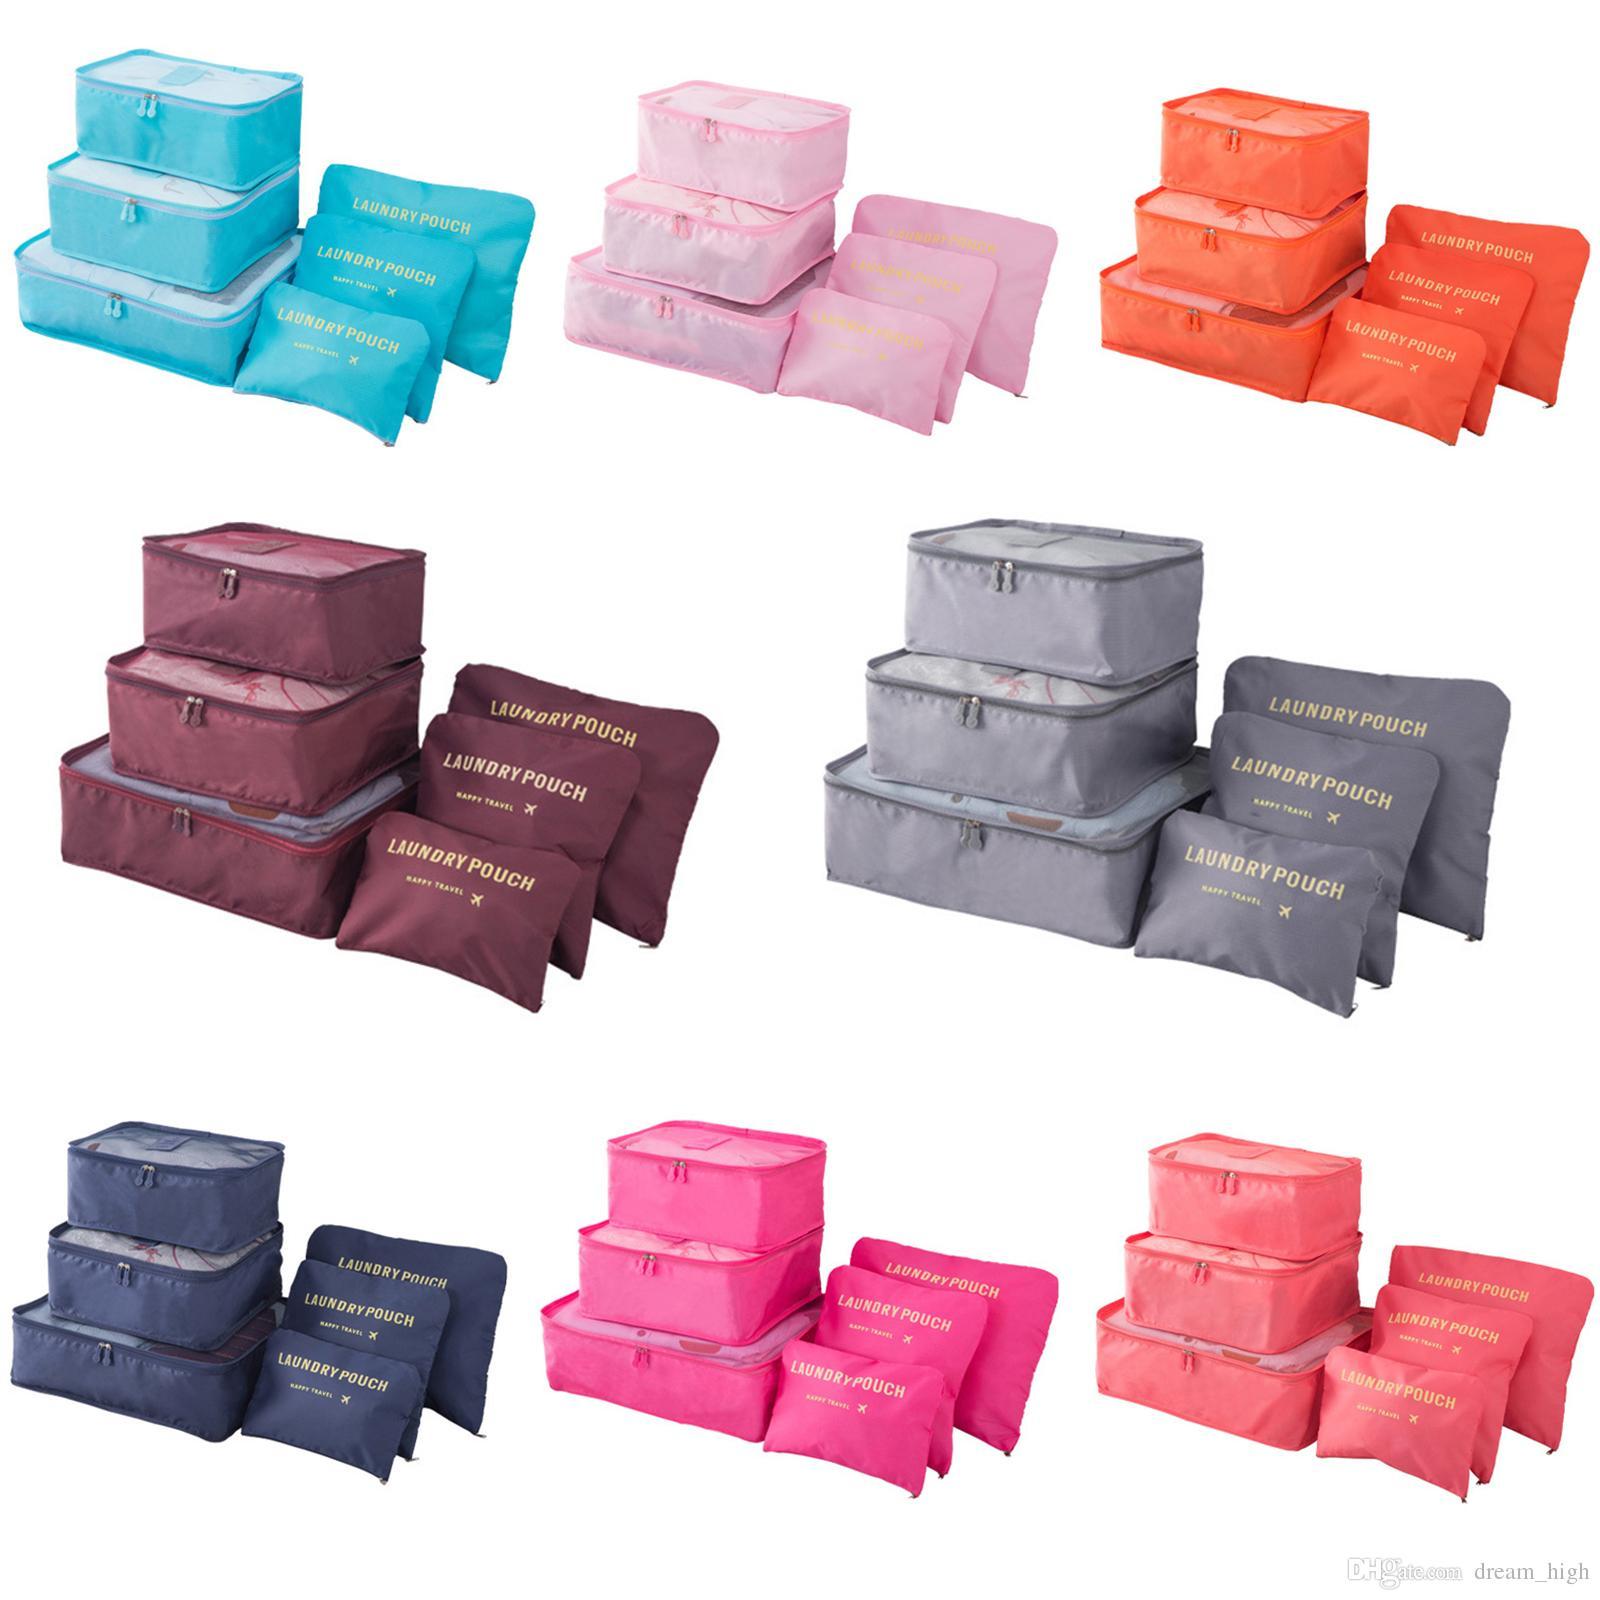 1698b7266 Compre 6 Unids / Set Viaje Bolsa De Almacenamiento De Equipaje Conjunto Para  Ropa Ropa Interior Zapato Bolsas De Cosméticos Bolsa De Sujetador  Organizador A ...